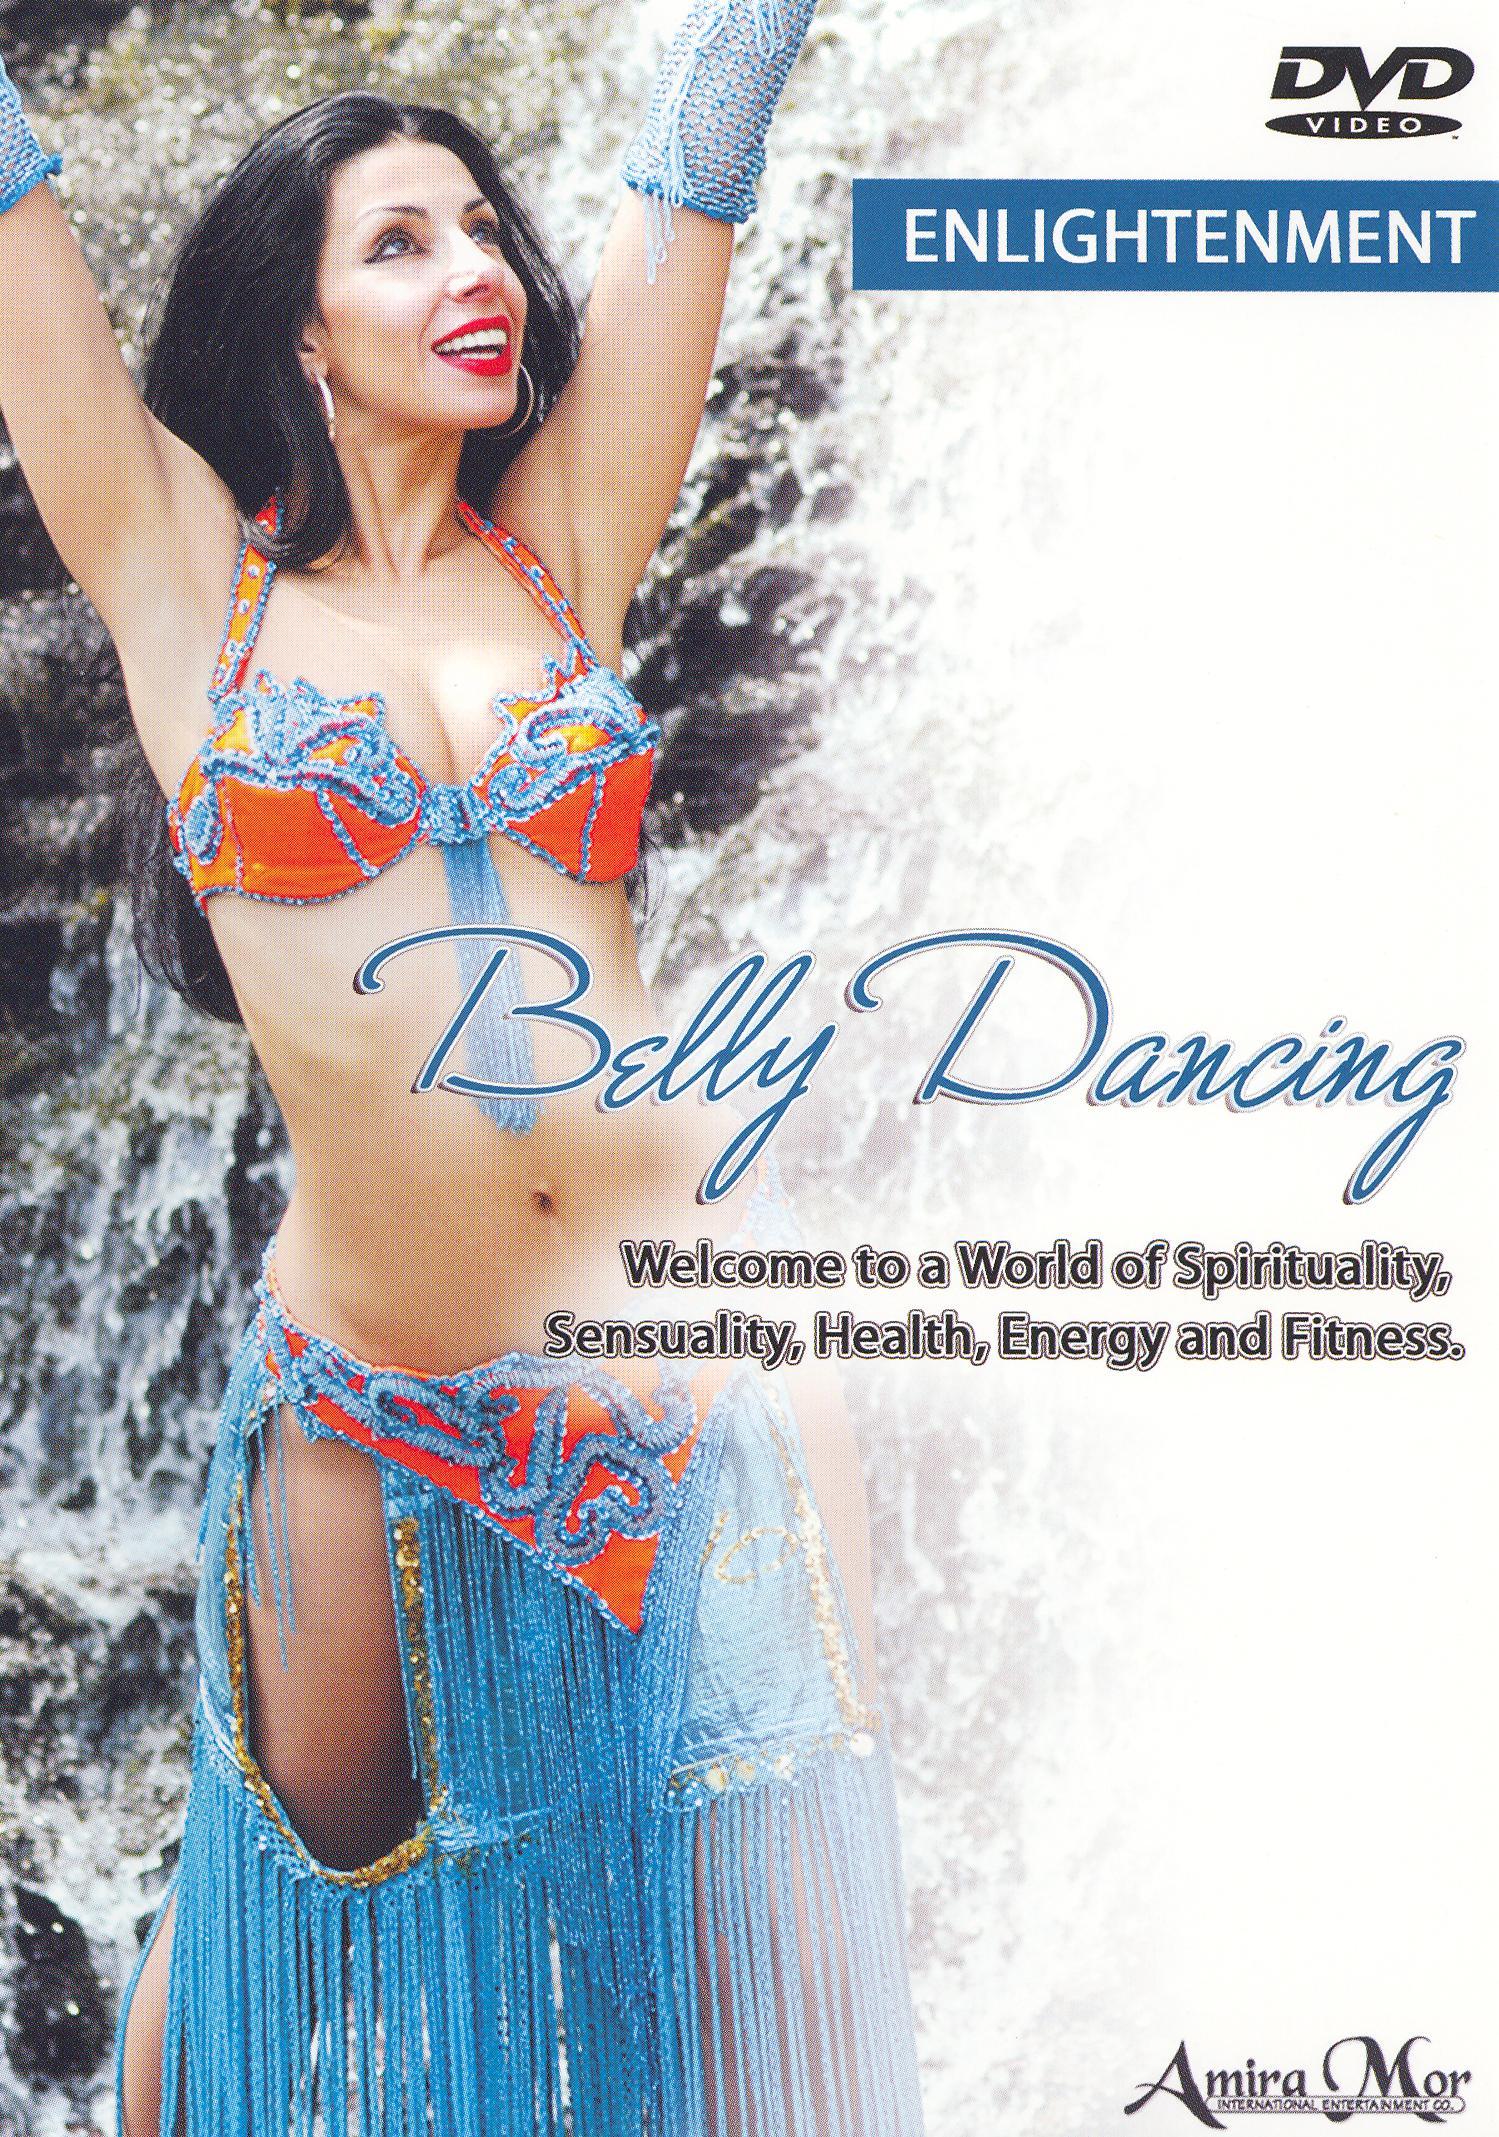 Belly Dancing for Enlightenment